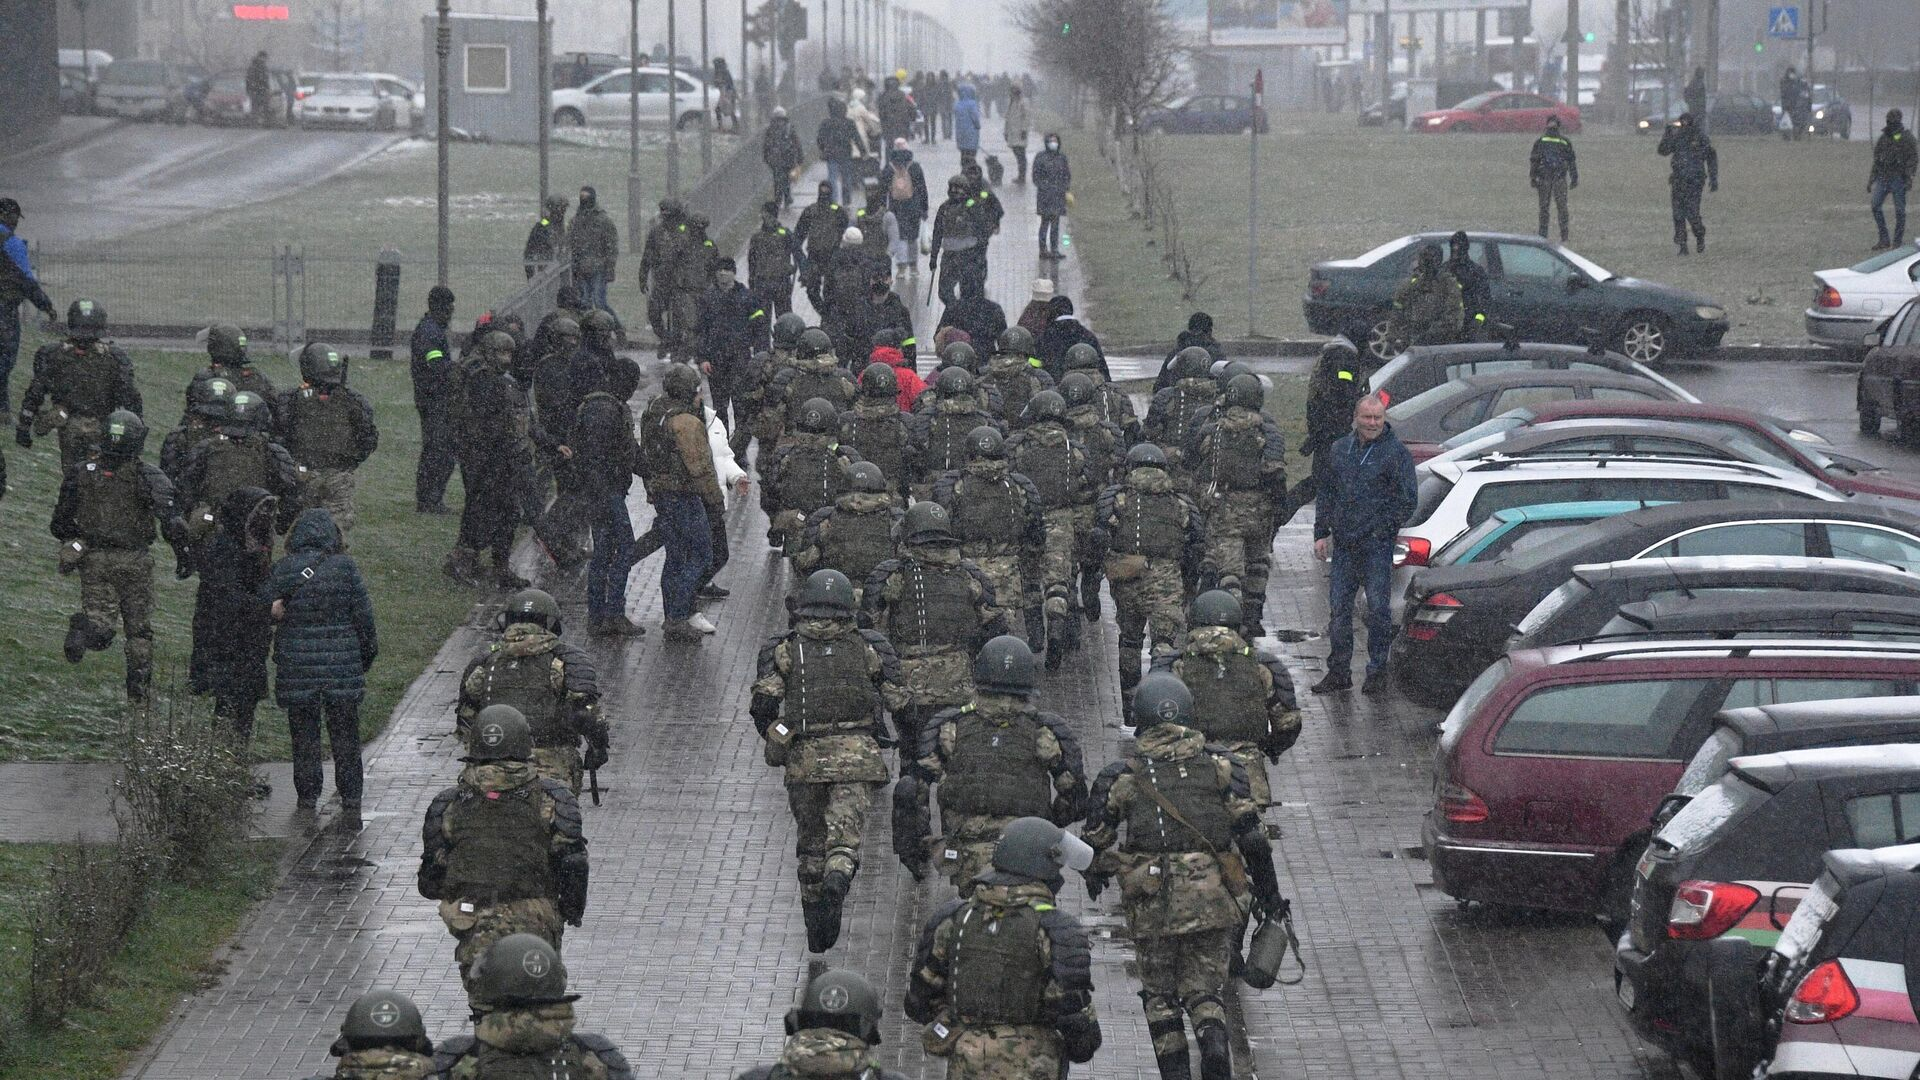 Сотрудники правоохранительных органов во время несанкционированной акции протеста Марш соседей в Минске - РИА Новости, 1920, 29.11.2020